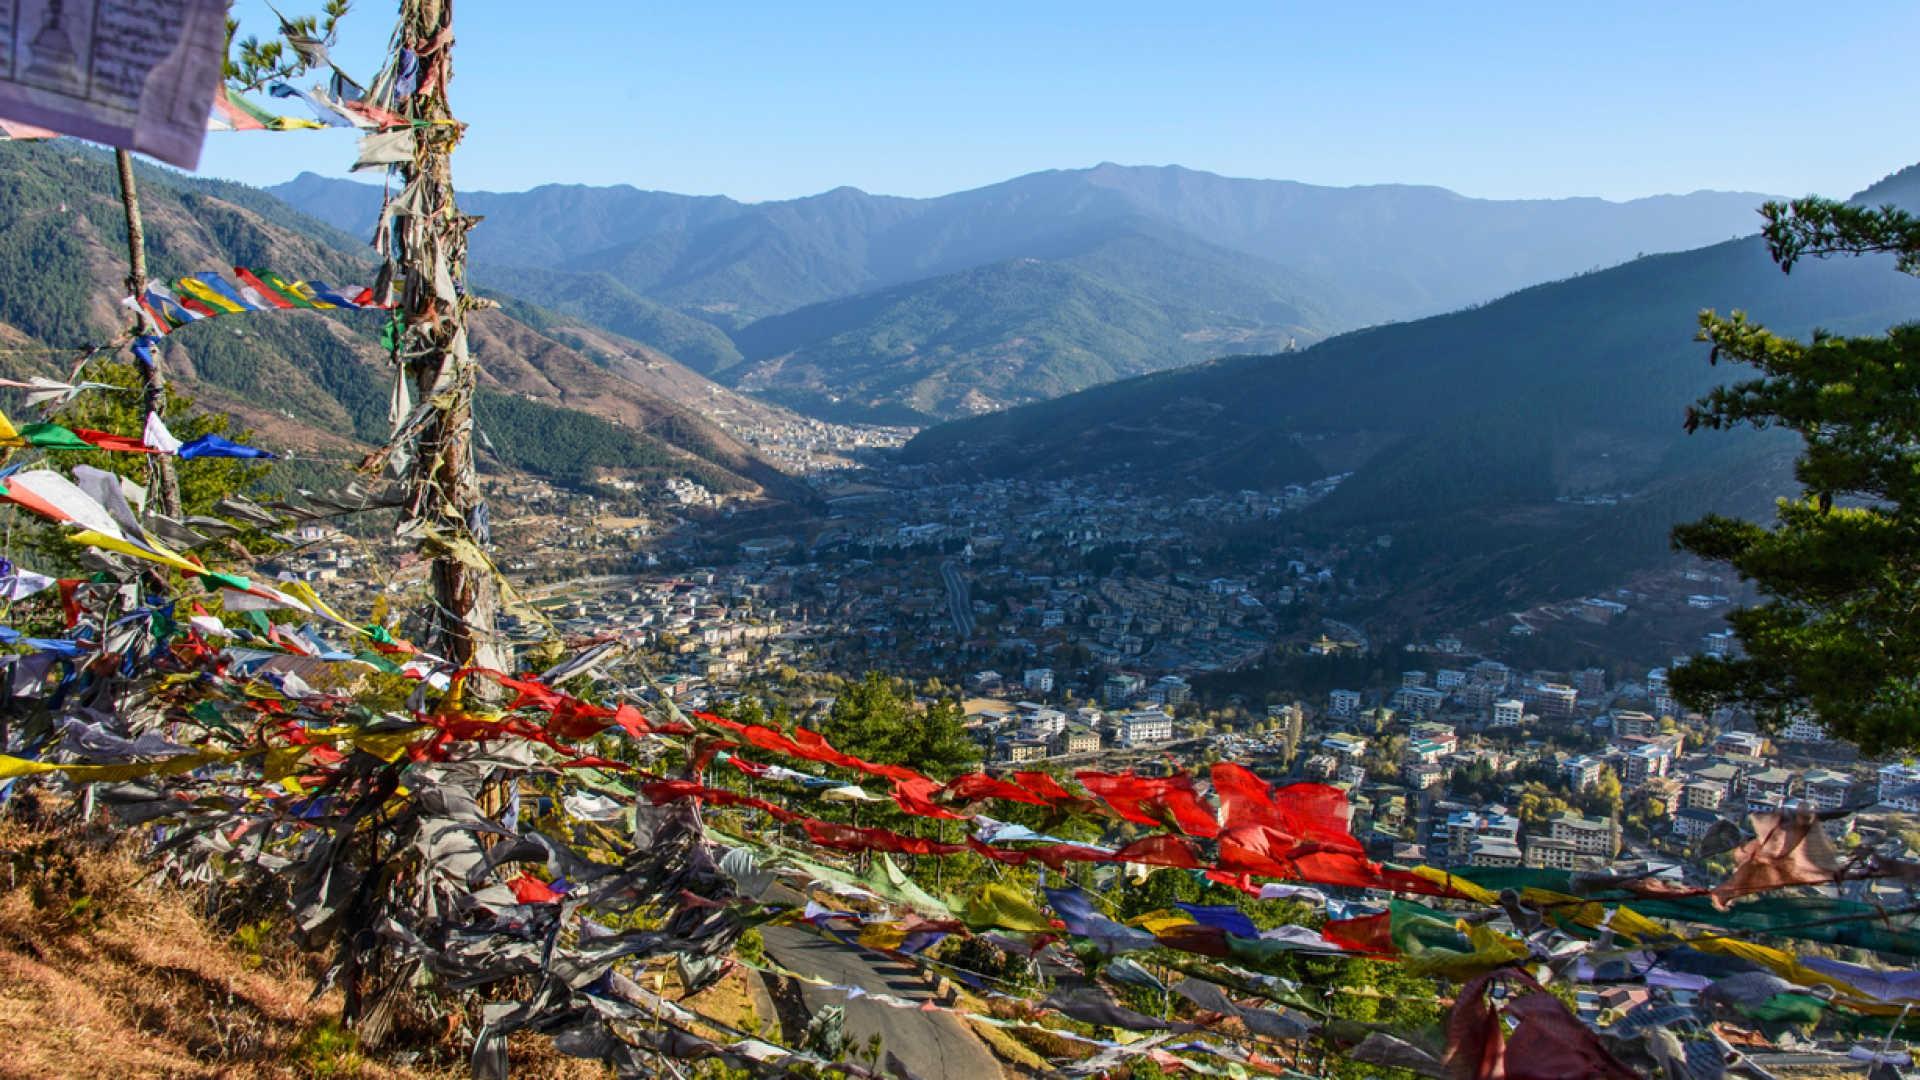 Ngày Quốc tế hạnh phúc: Câu chuyện về Bhutan và những con người luôn nhìn đời bằng ánh mắt lạc quan - Ảnh 3.